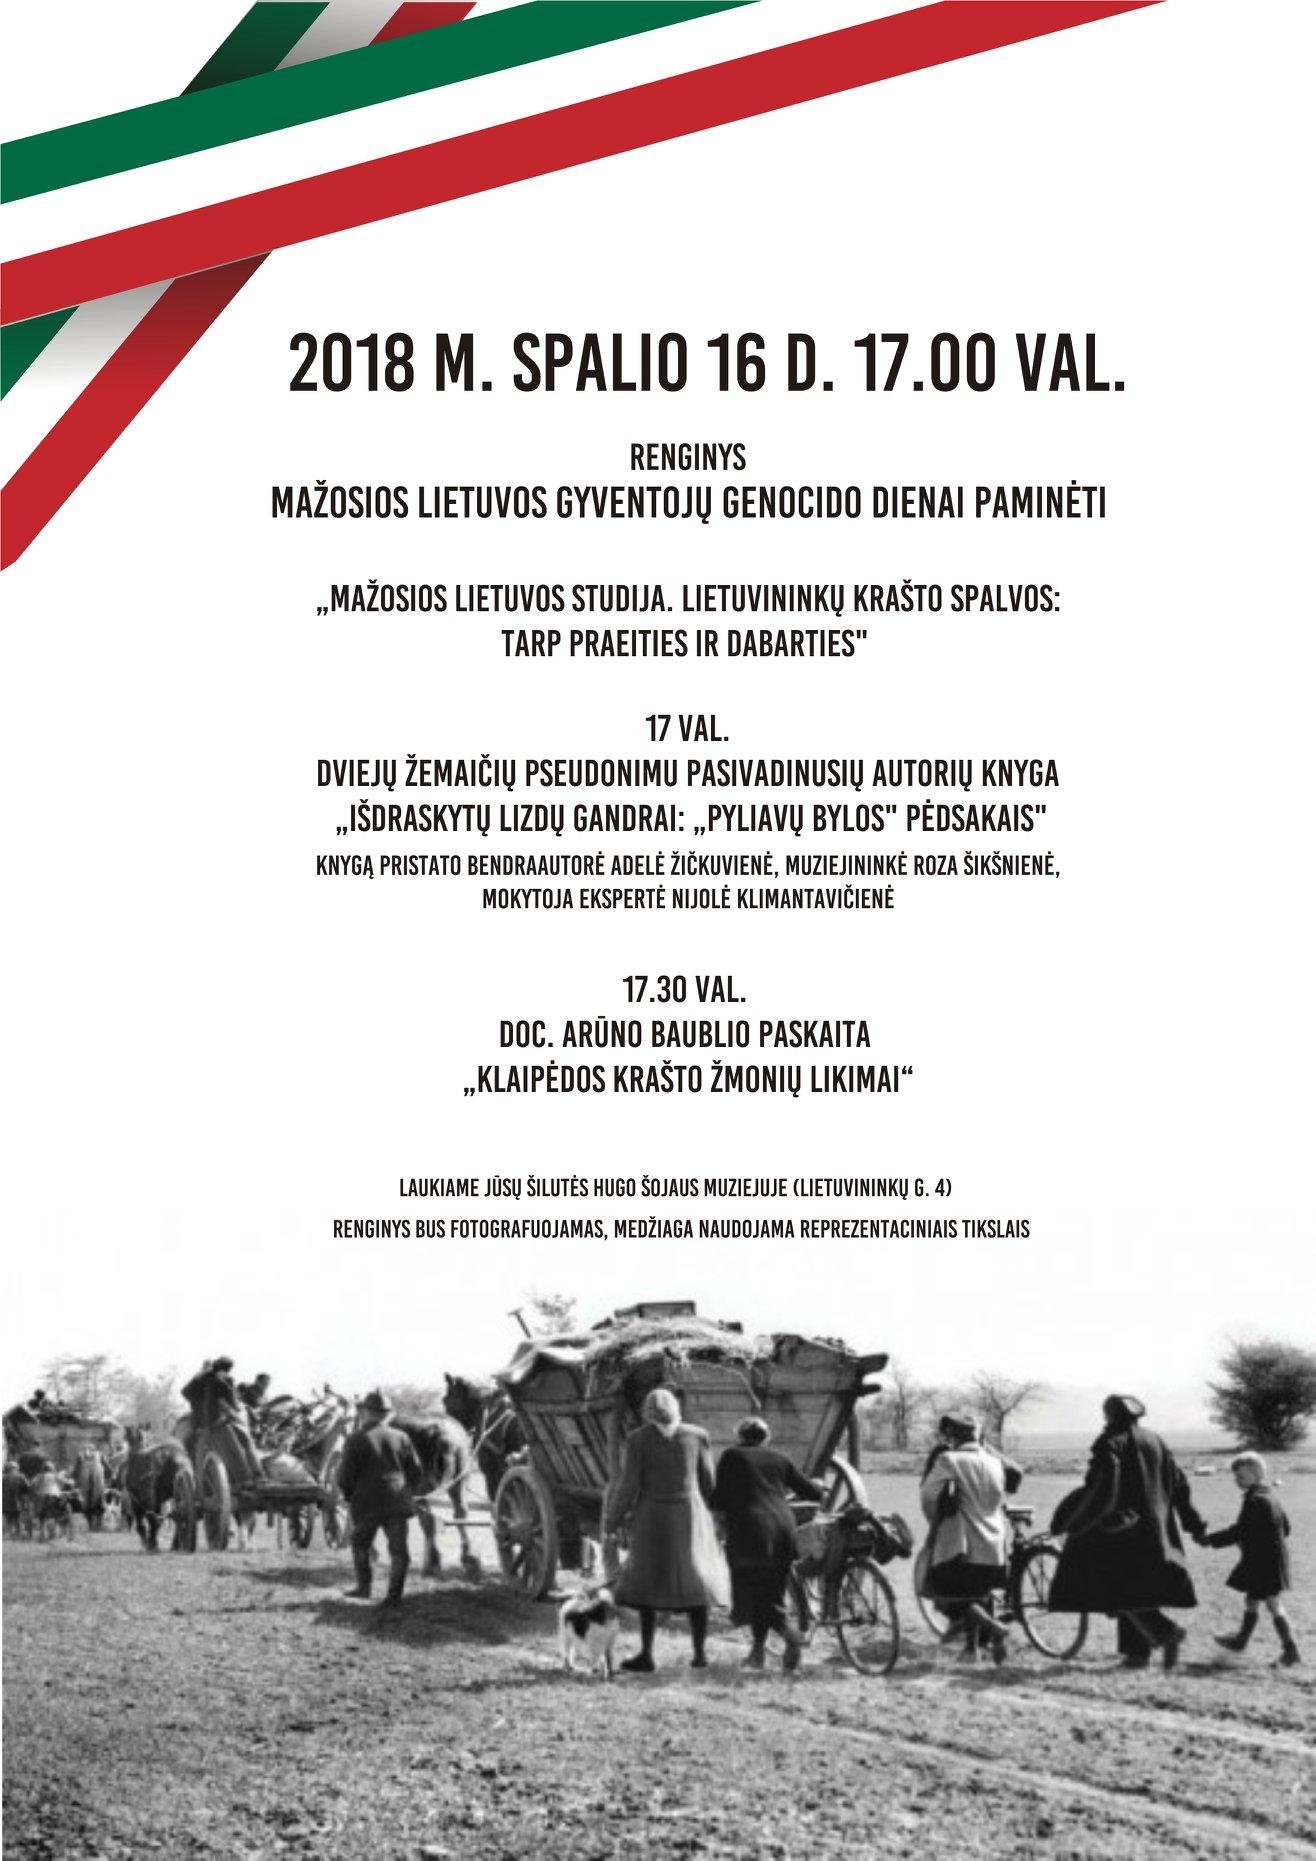 2018 10 16 Renginys Mažosios Lietuvos gyventojų genocido dienai paminėti